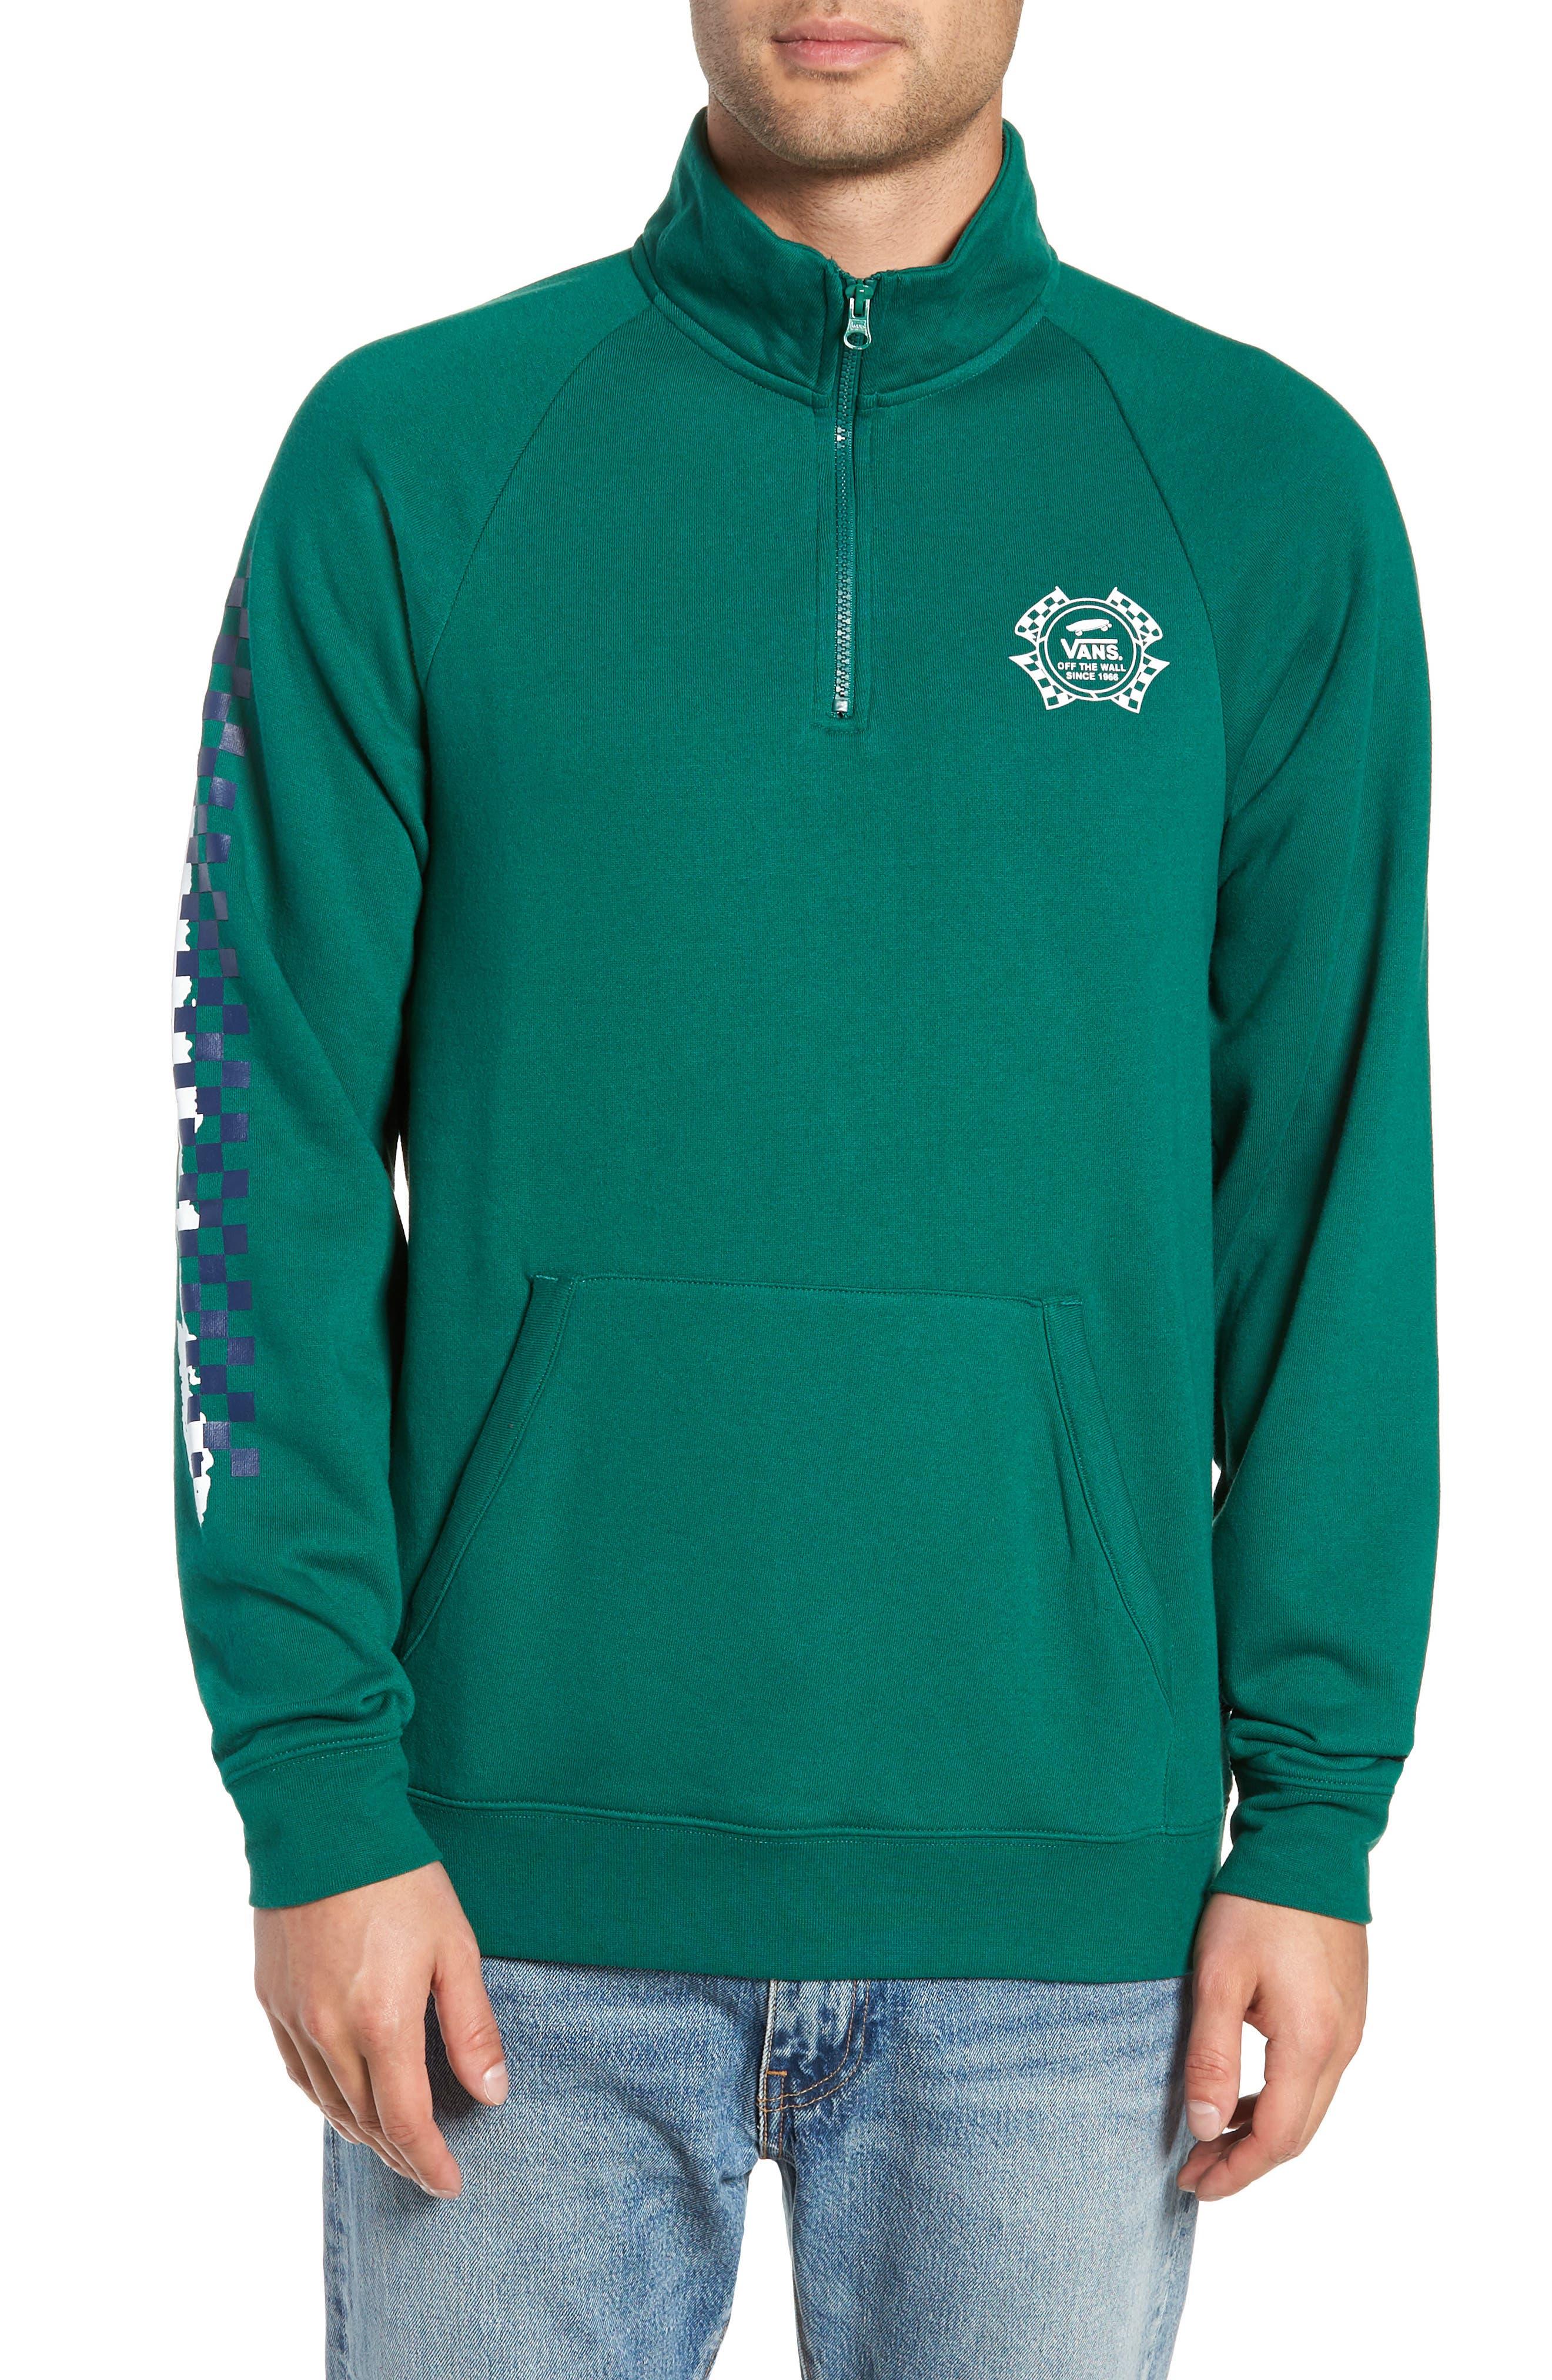 Vans Check It Quarter Zip Pullover, Green